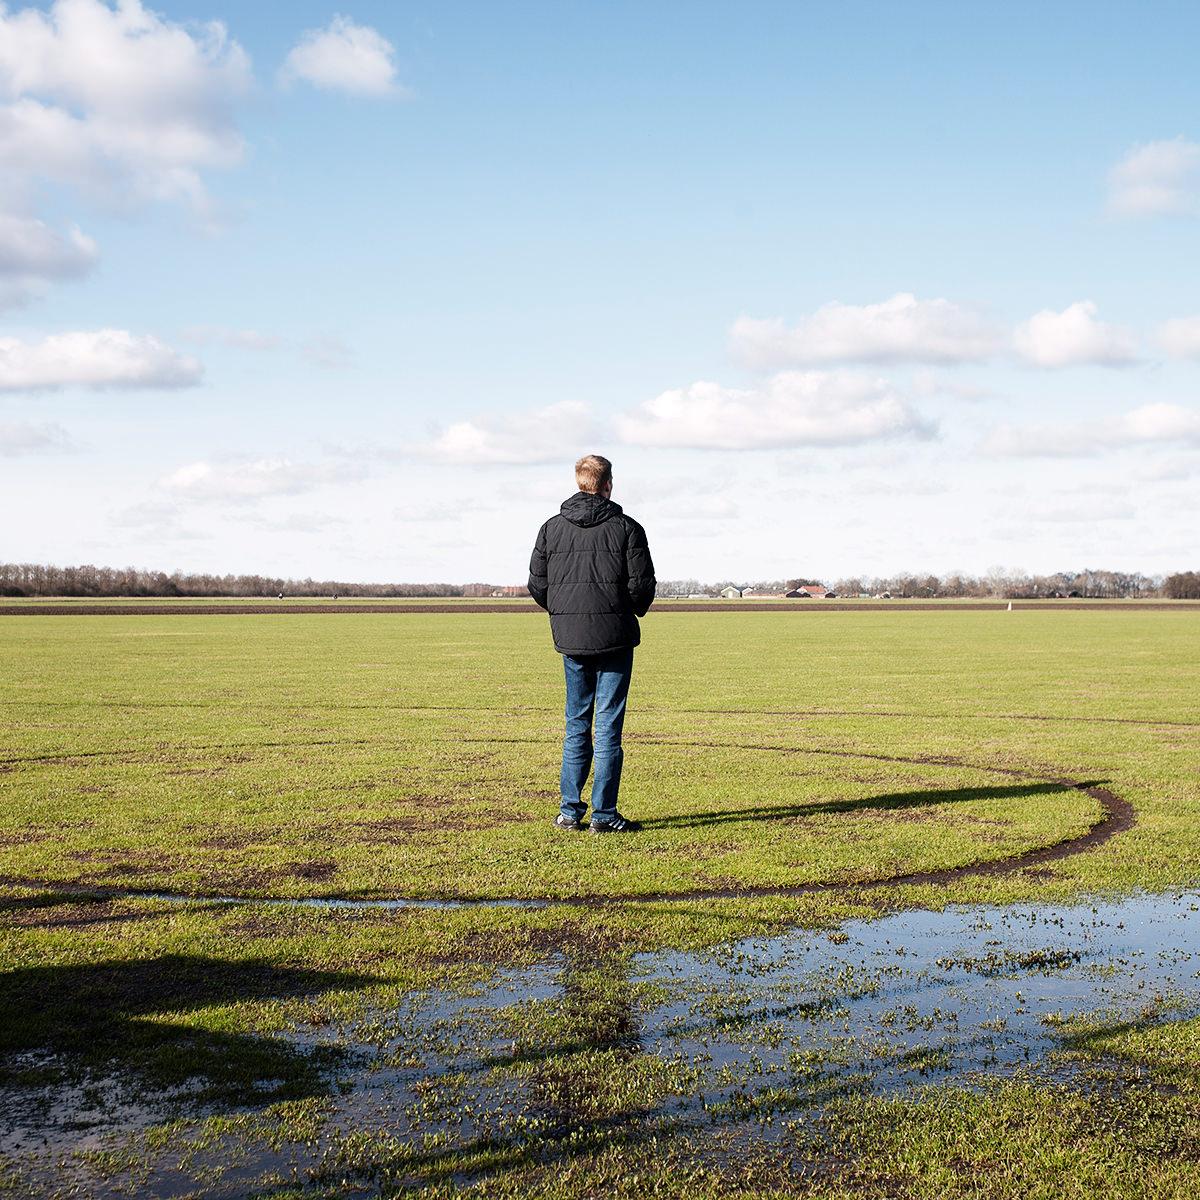 Fotograaf Groningen - Mannen en hun hobby's, modelvliegen